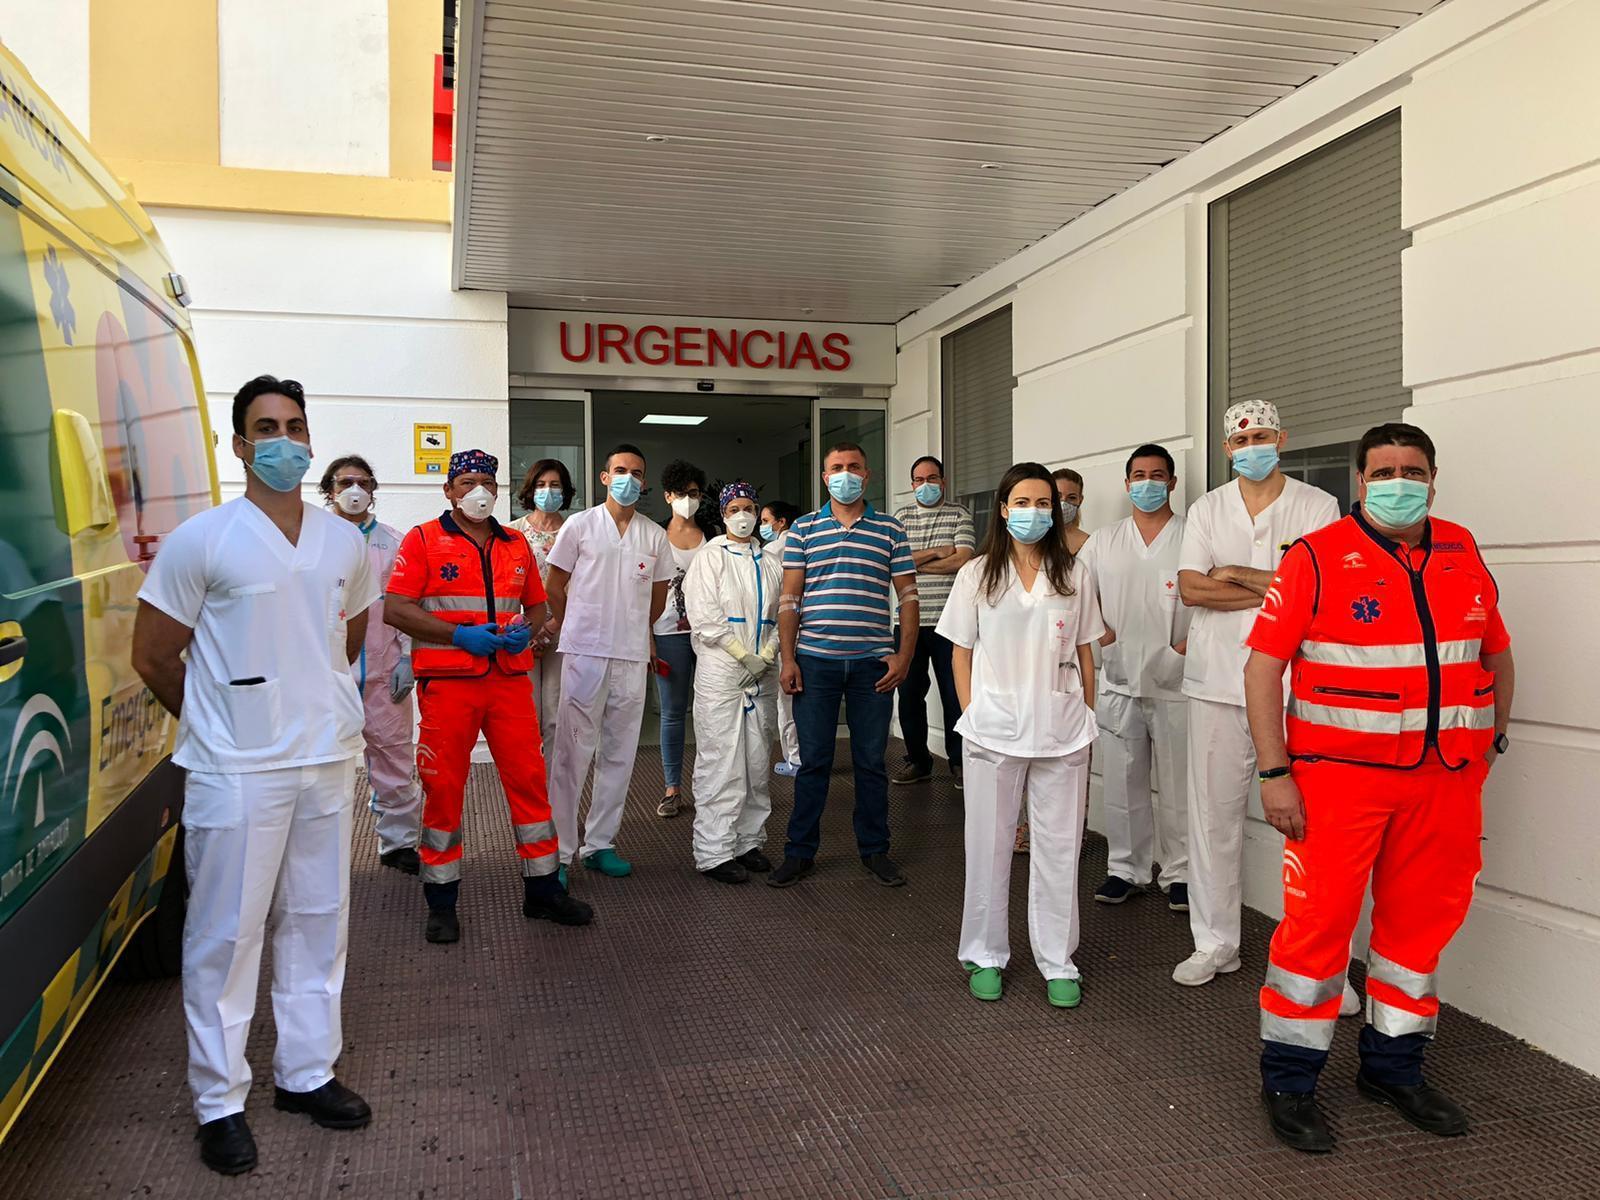 Екип по инсултите на болница Cruz Roja в Кордоба